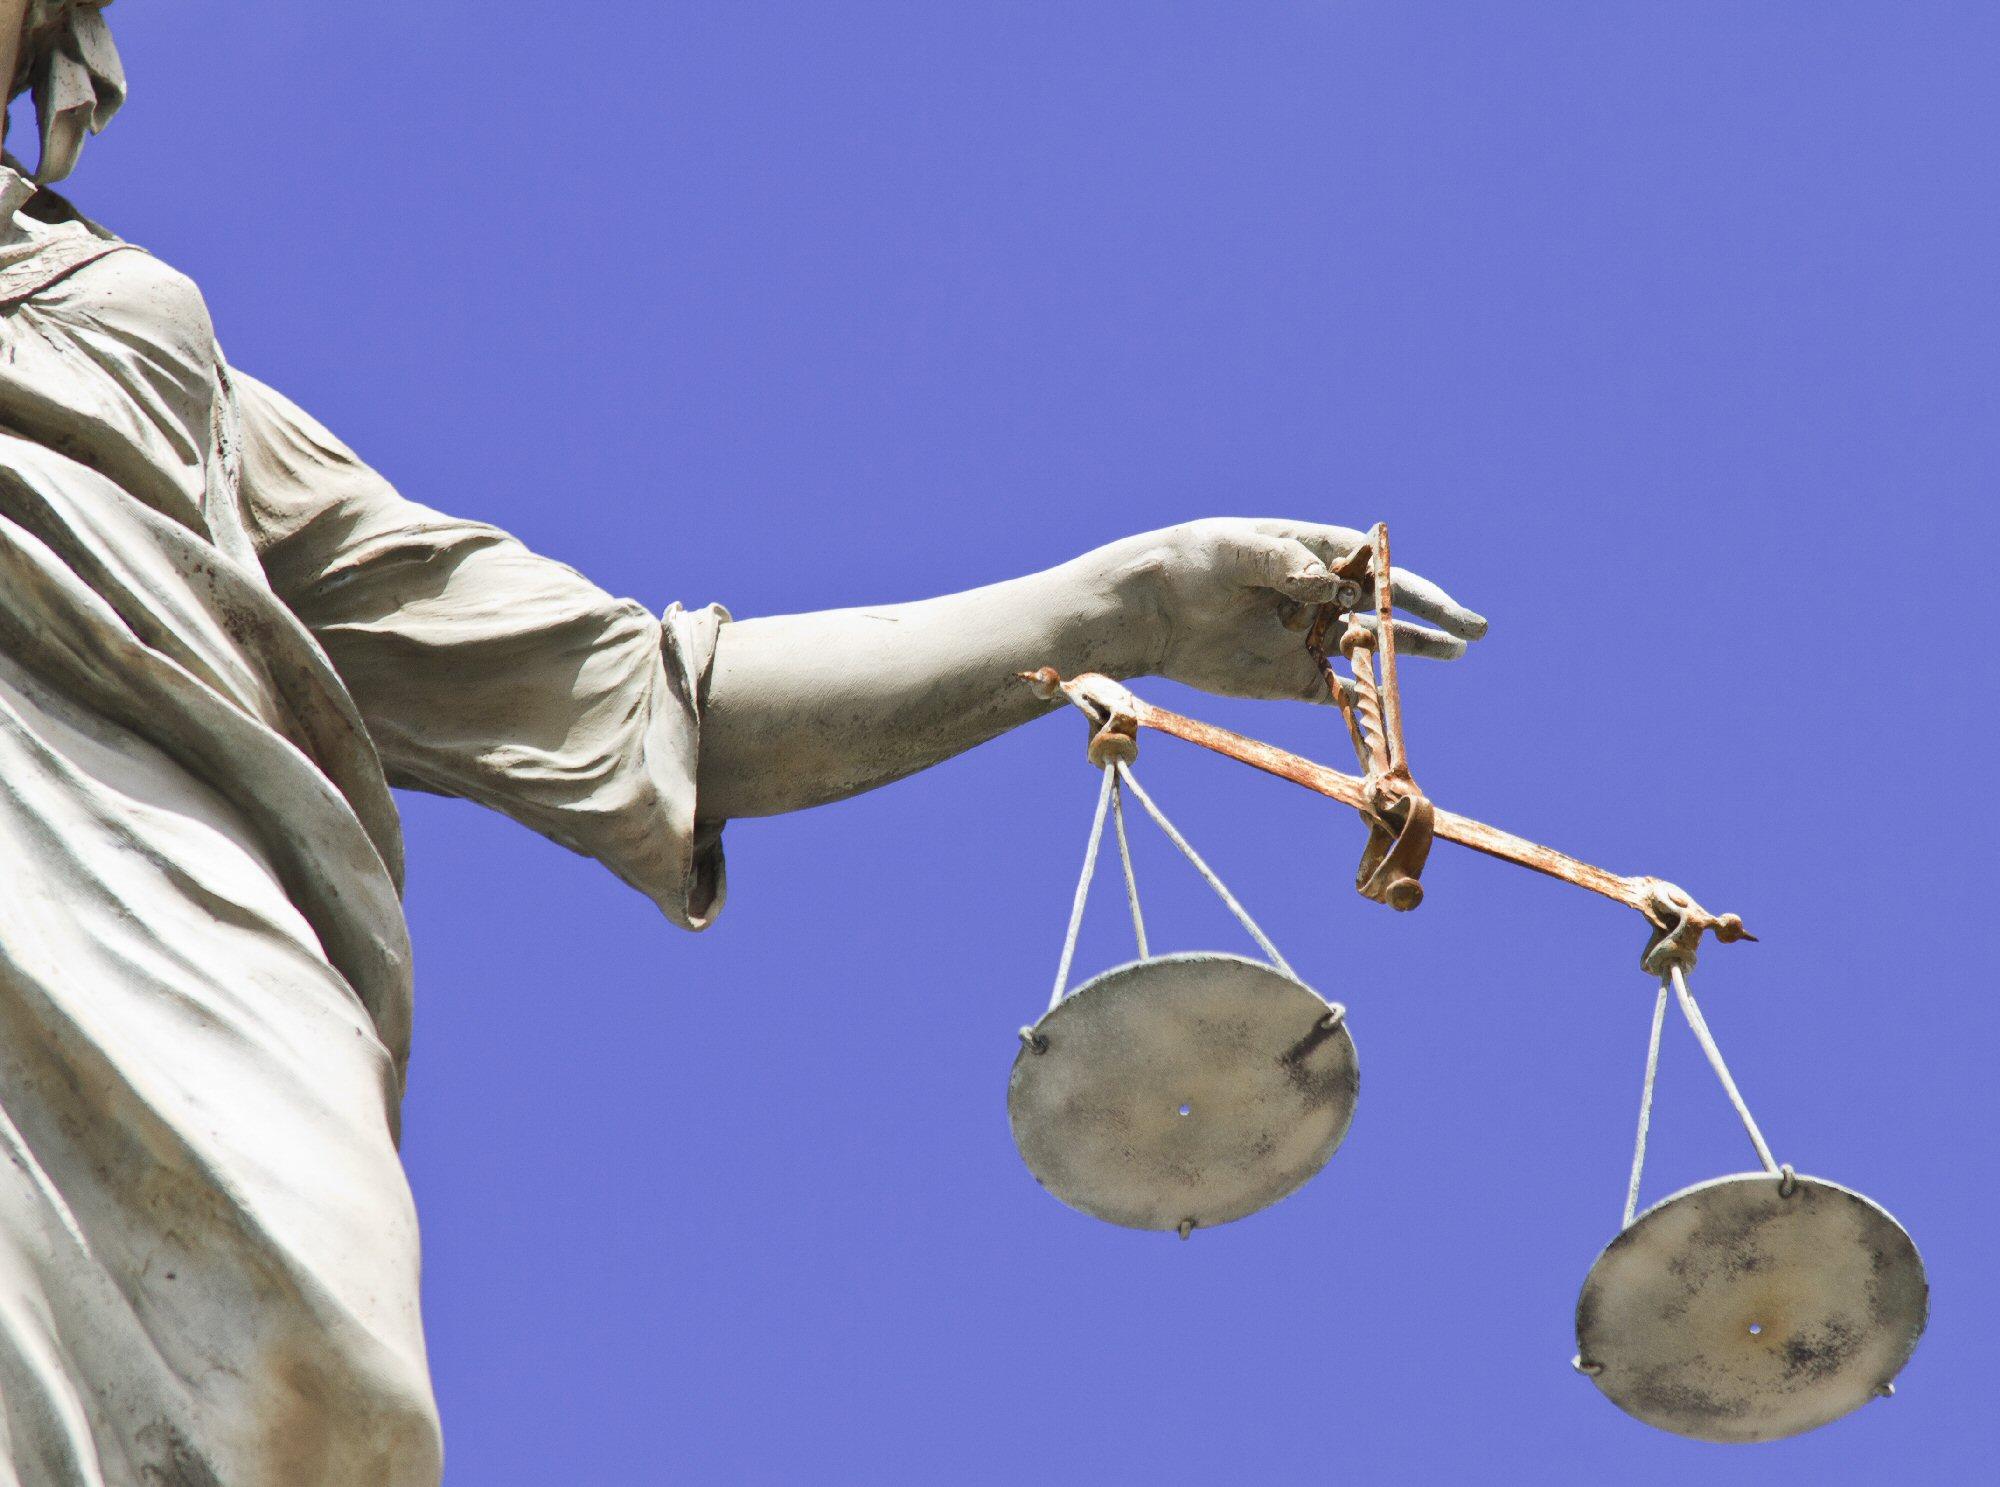 Tribunale di Lucca n.1273 del 10 giugno 2016